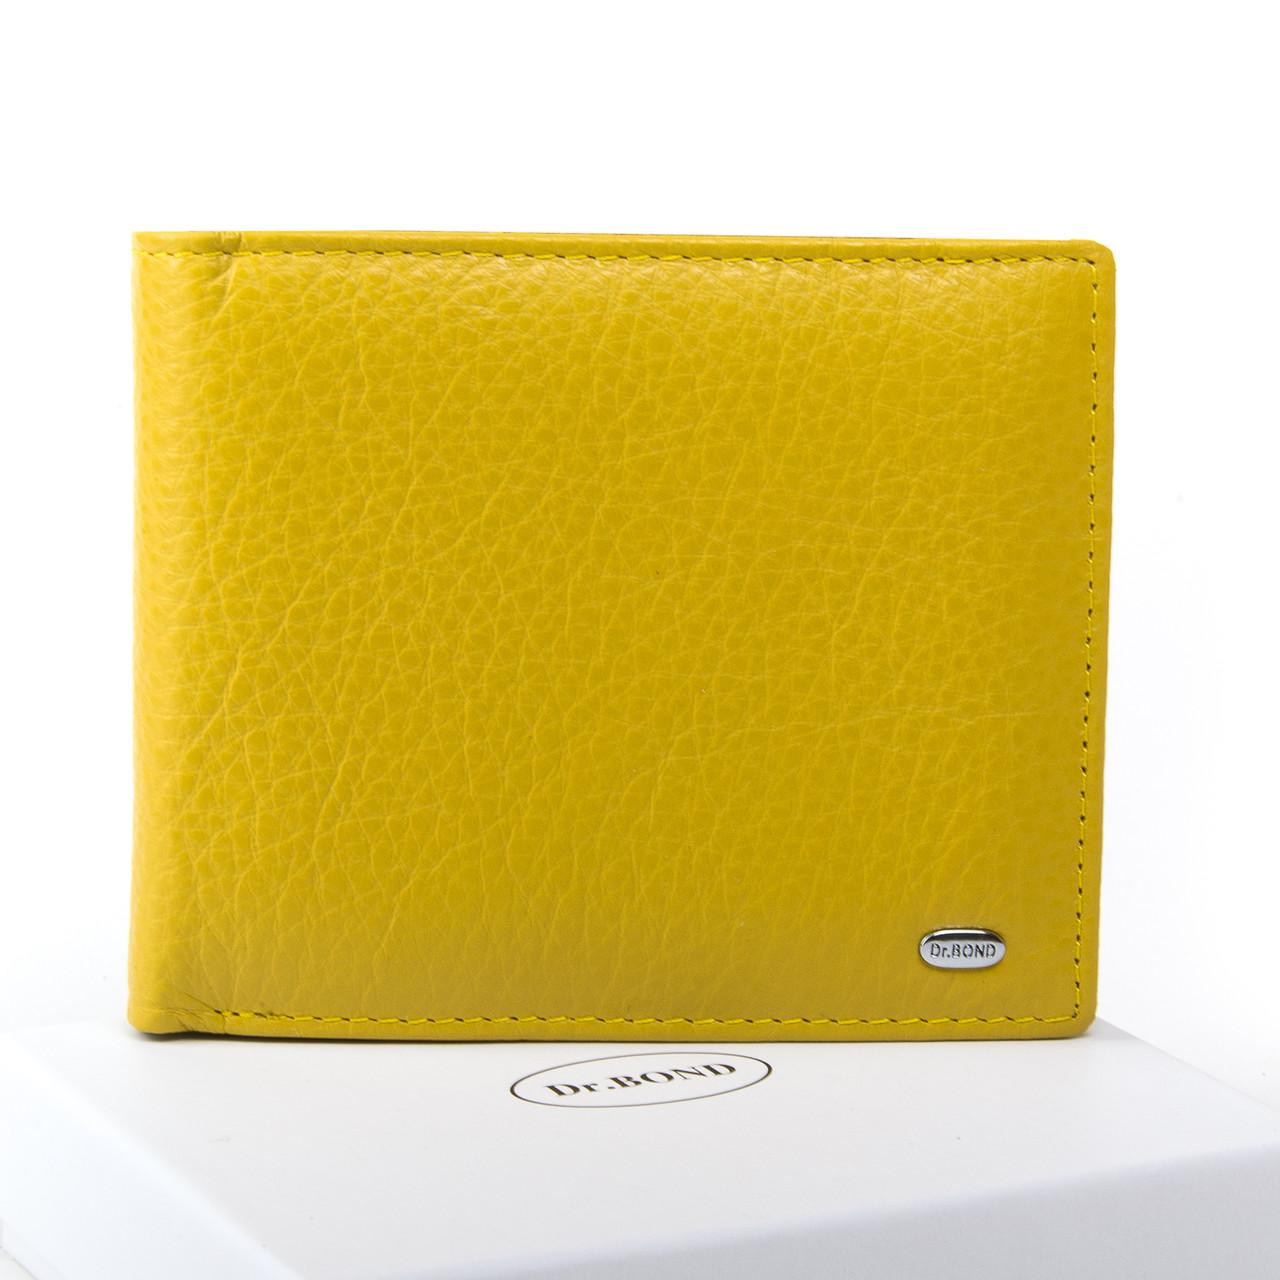 Жеснкий кошелек Classic кожа DR. BOND WN-7 желтый